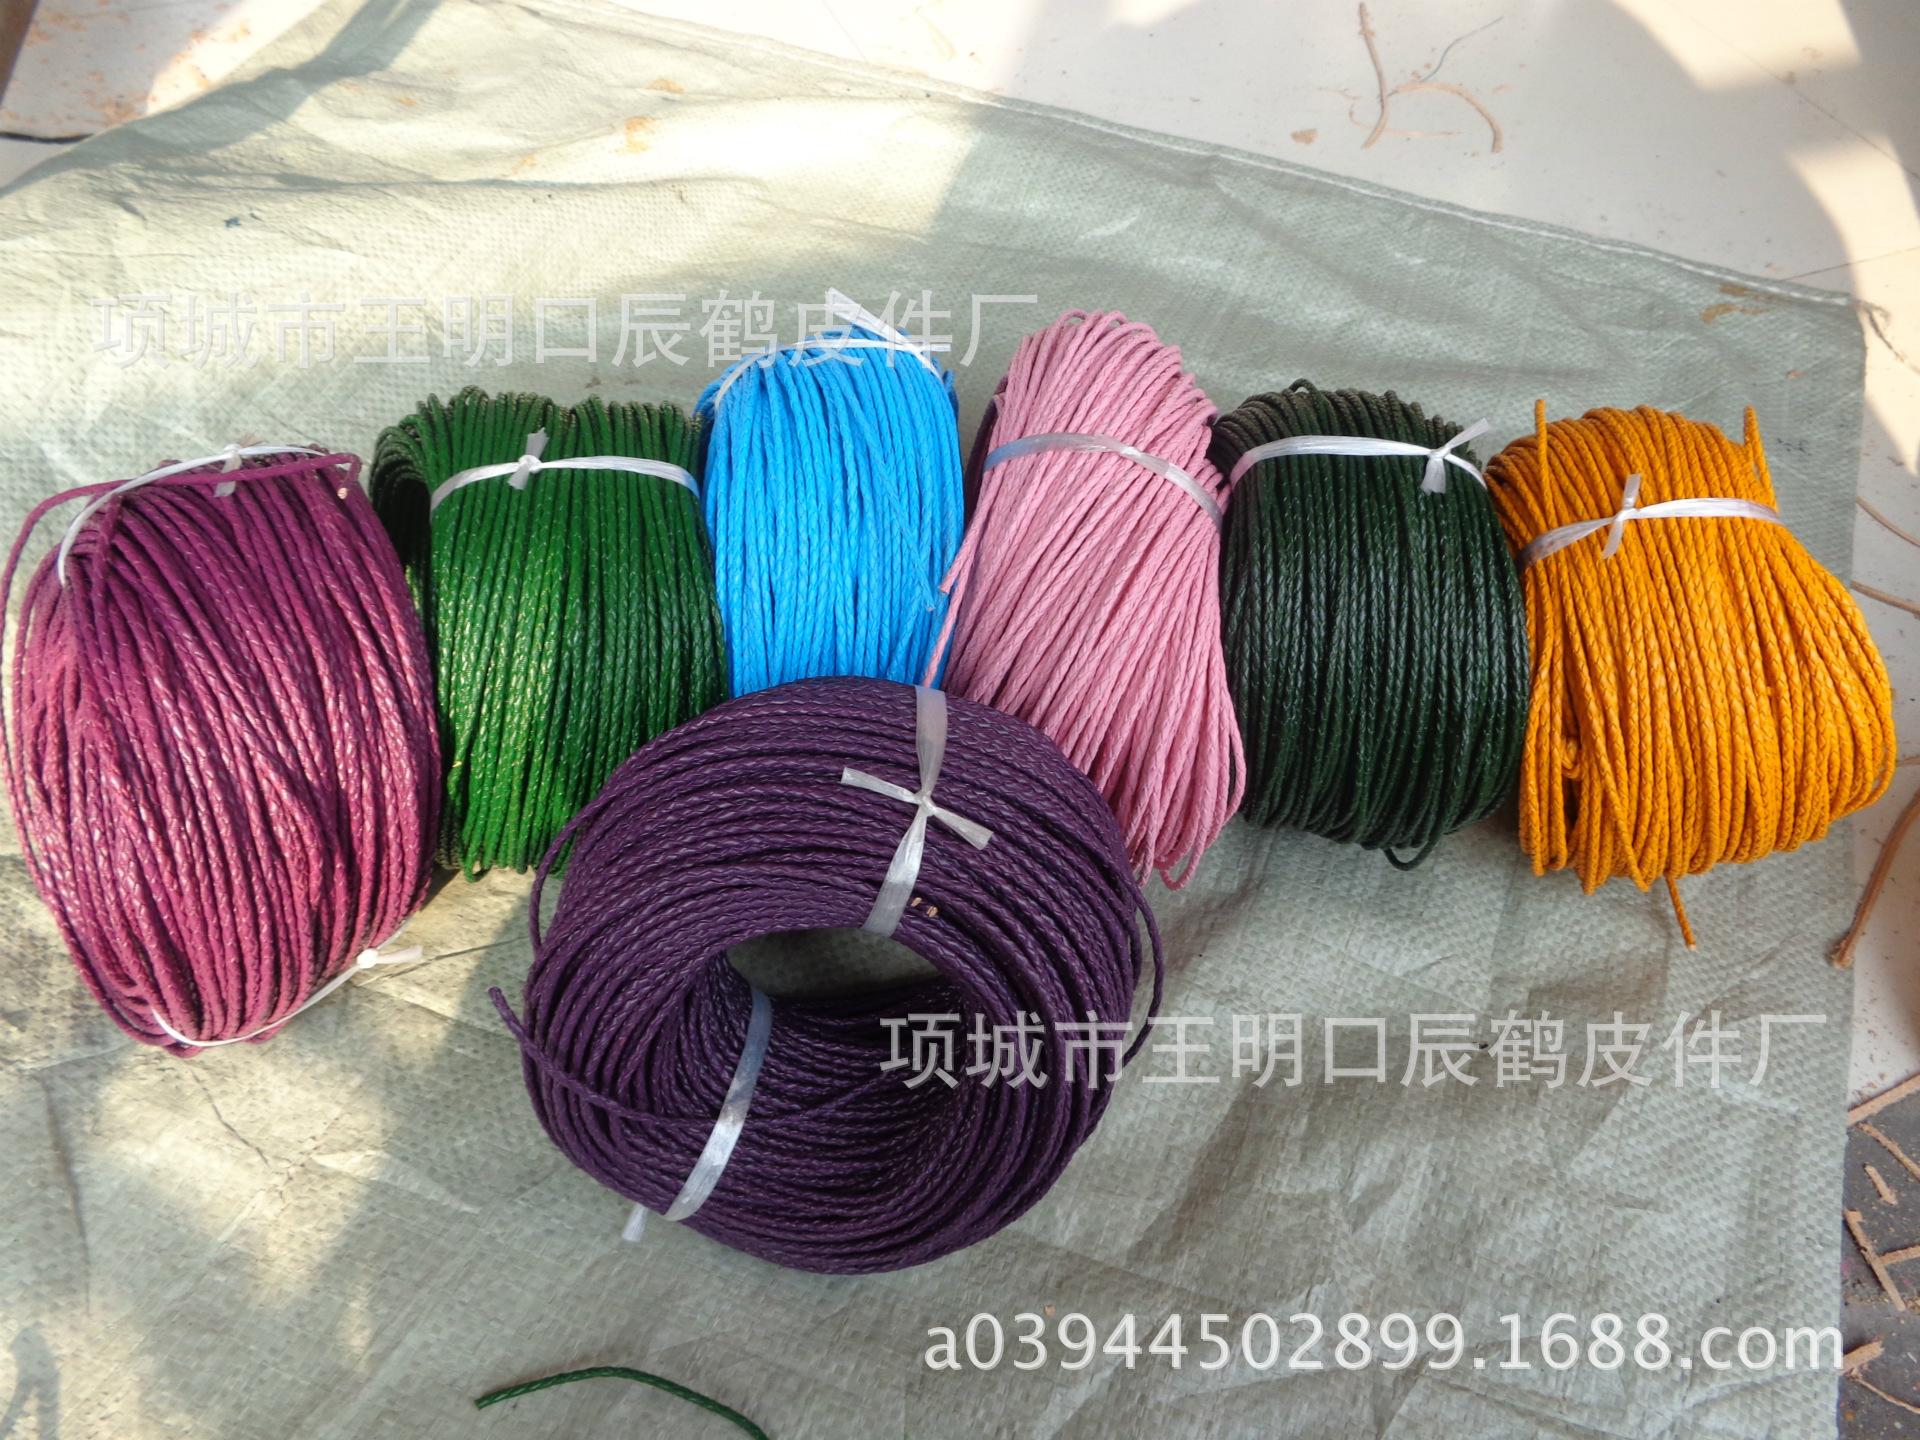 供应各种真皮编织绳   编织皮绳